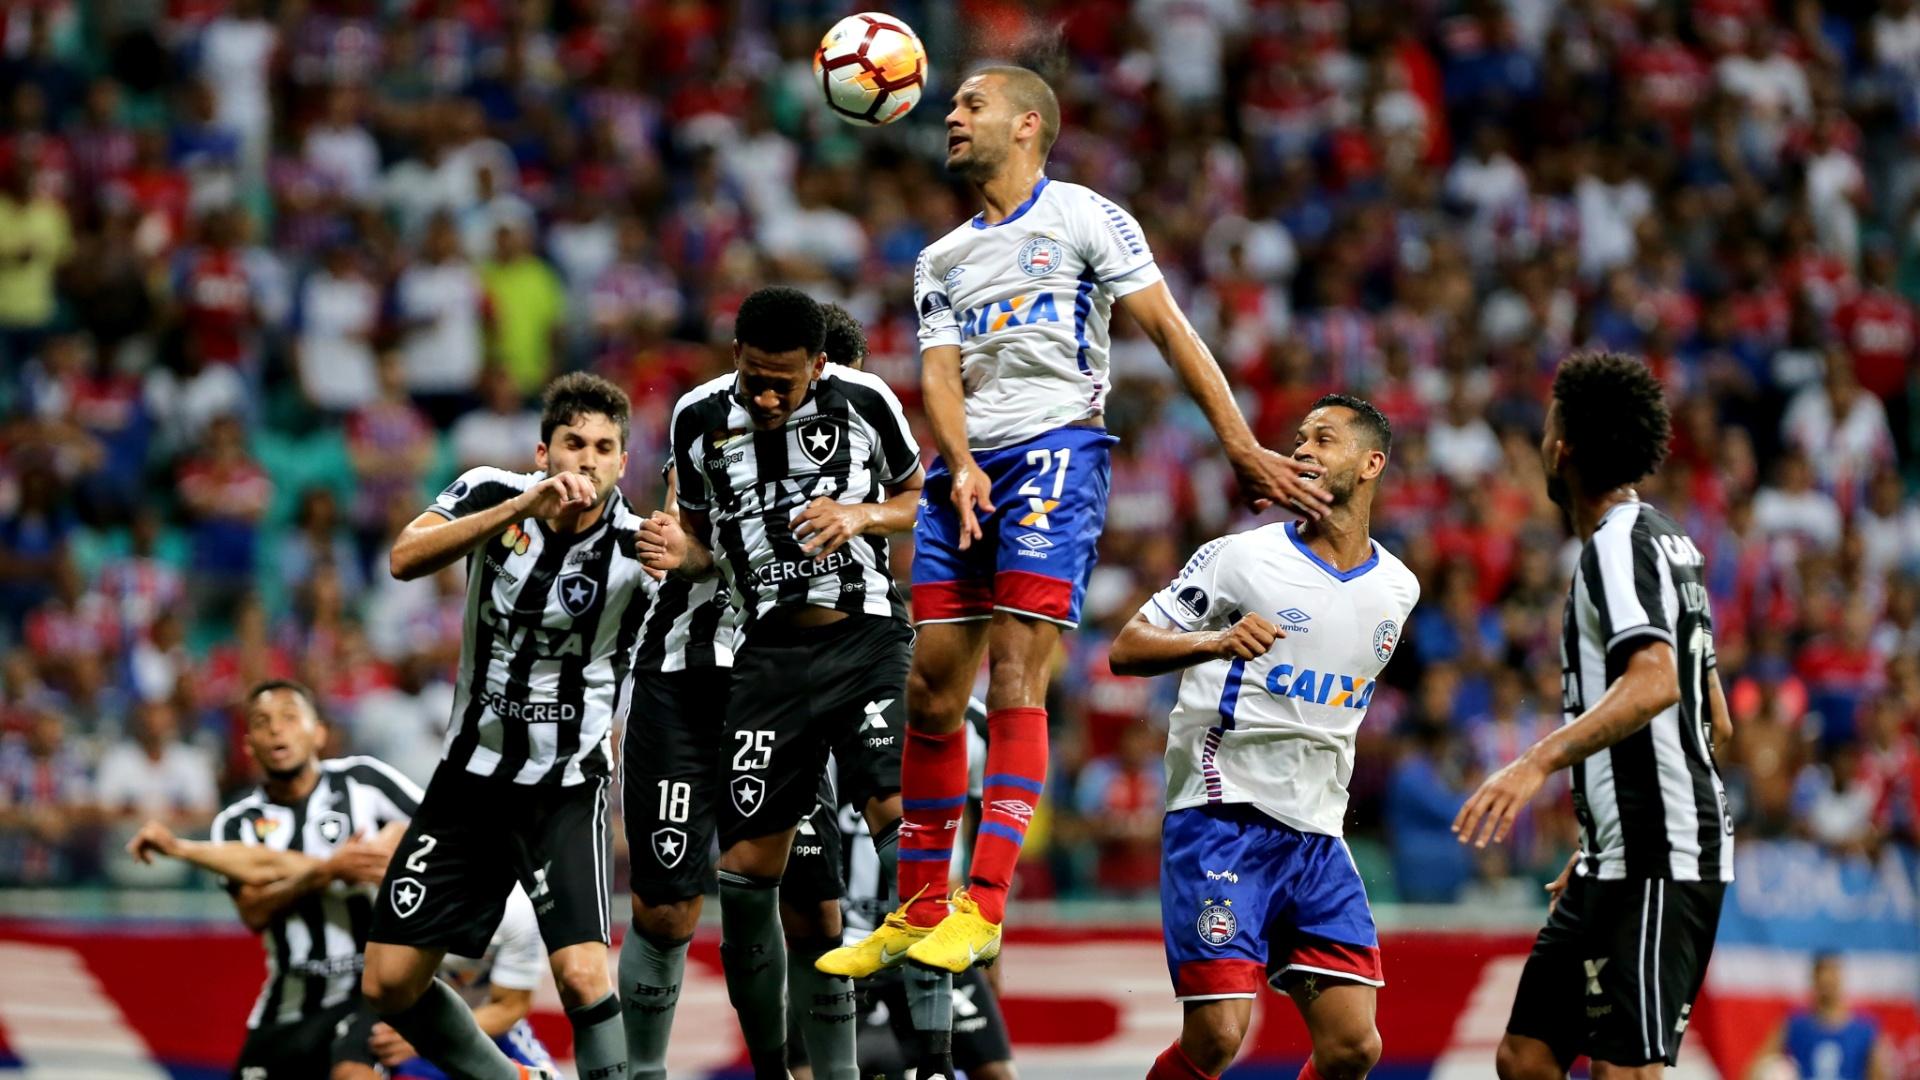 Clayton fez de cabeça o segundo gol do Bahia contra o Botafogo